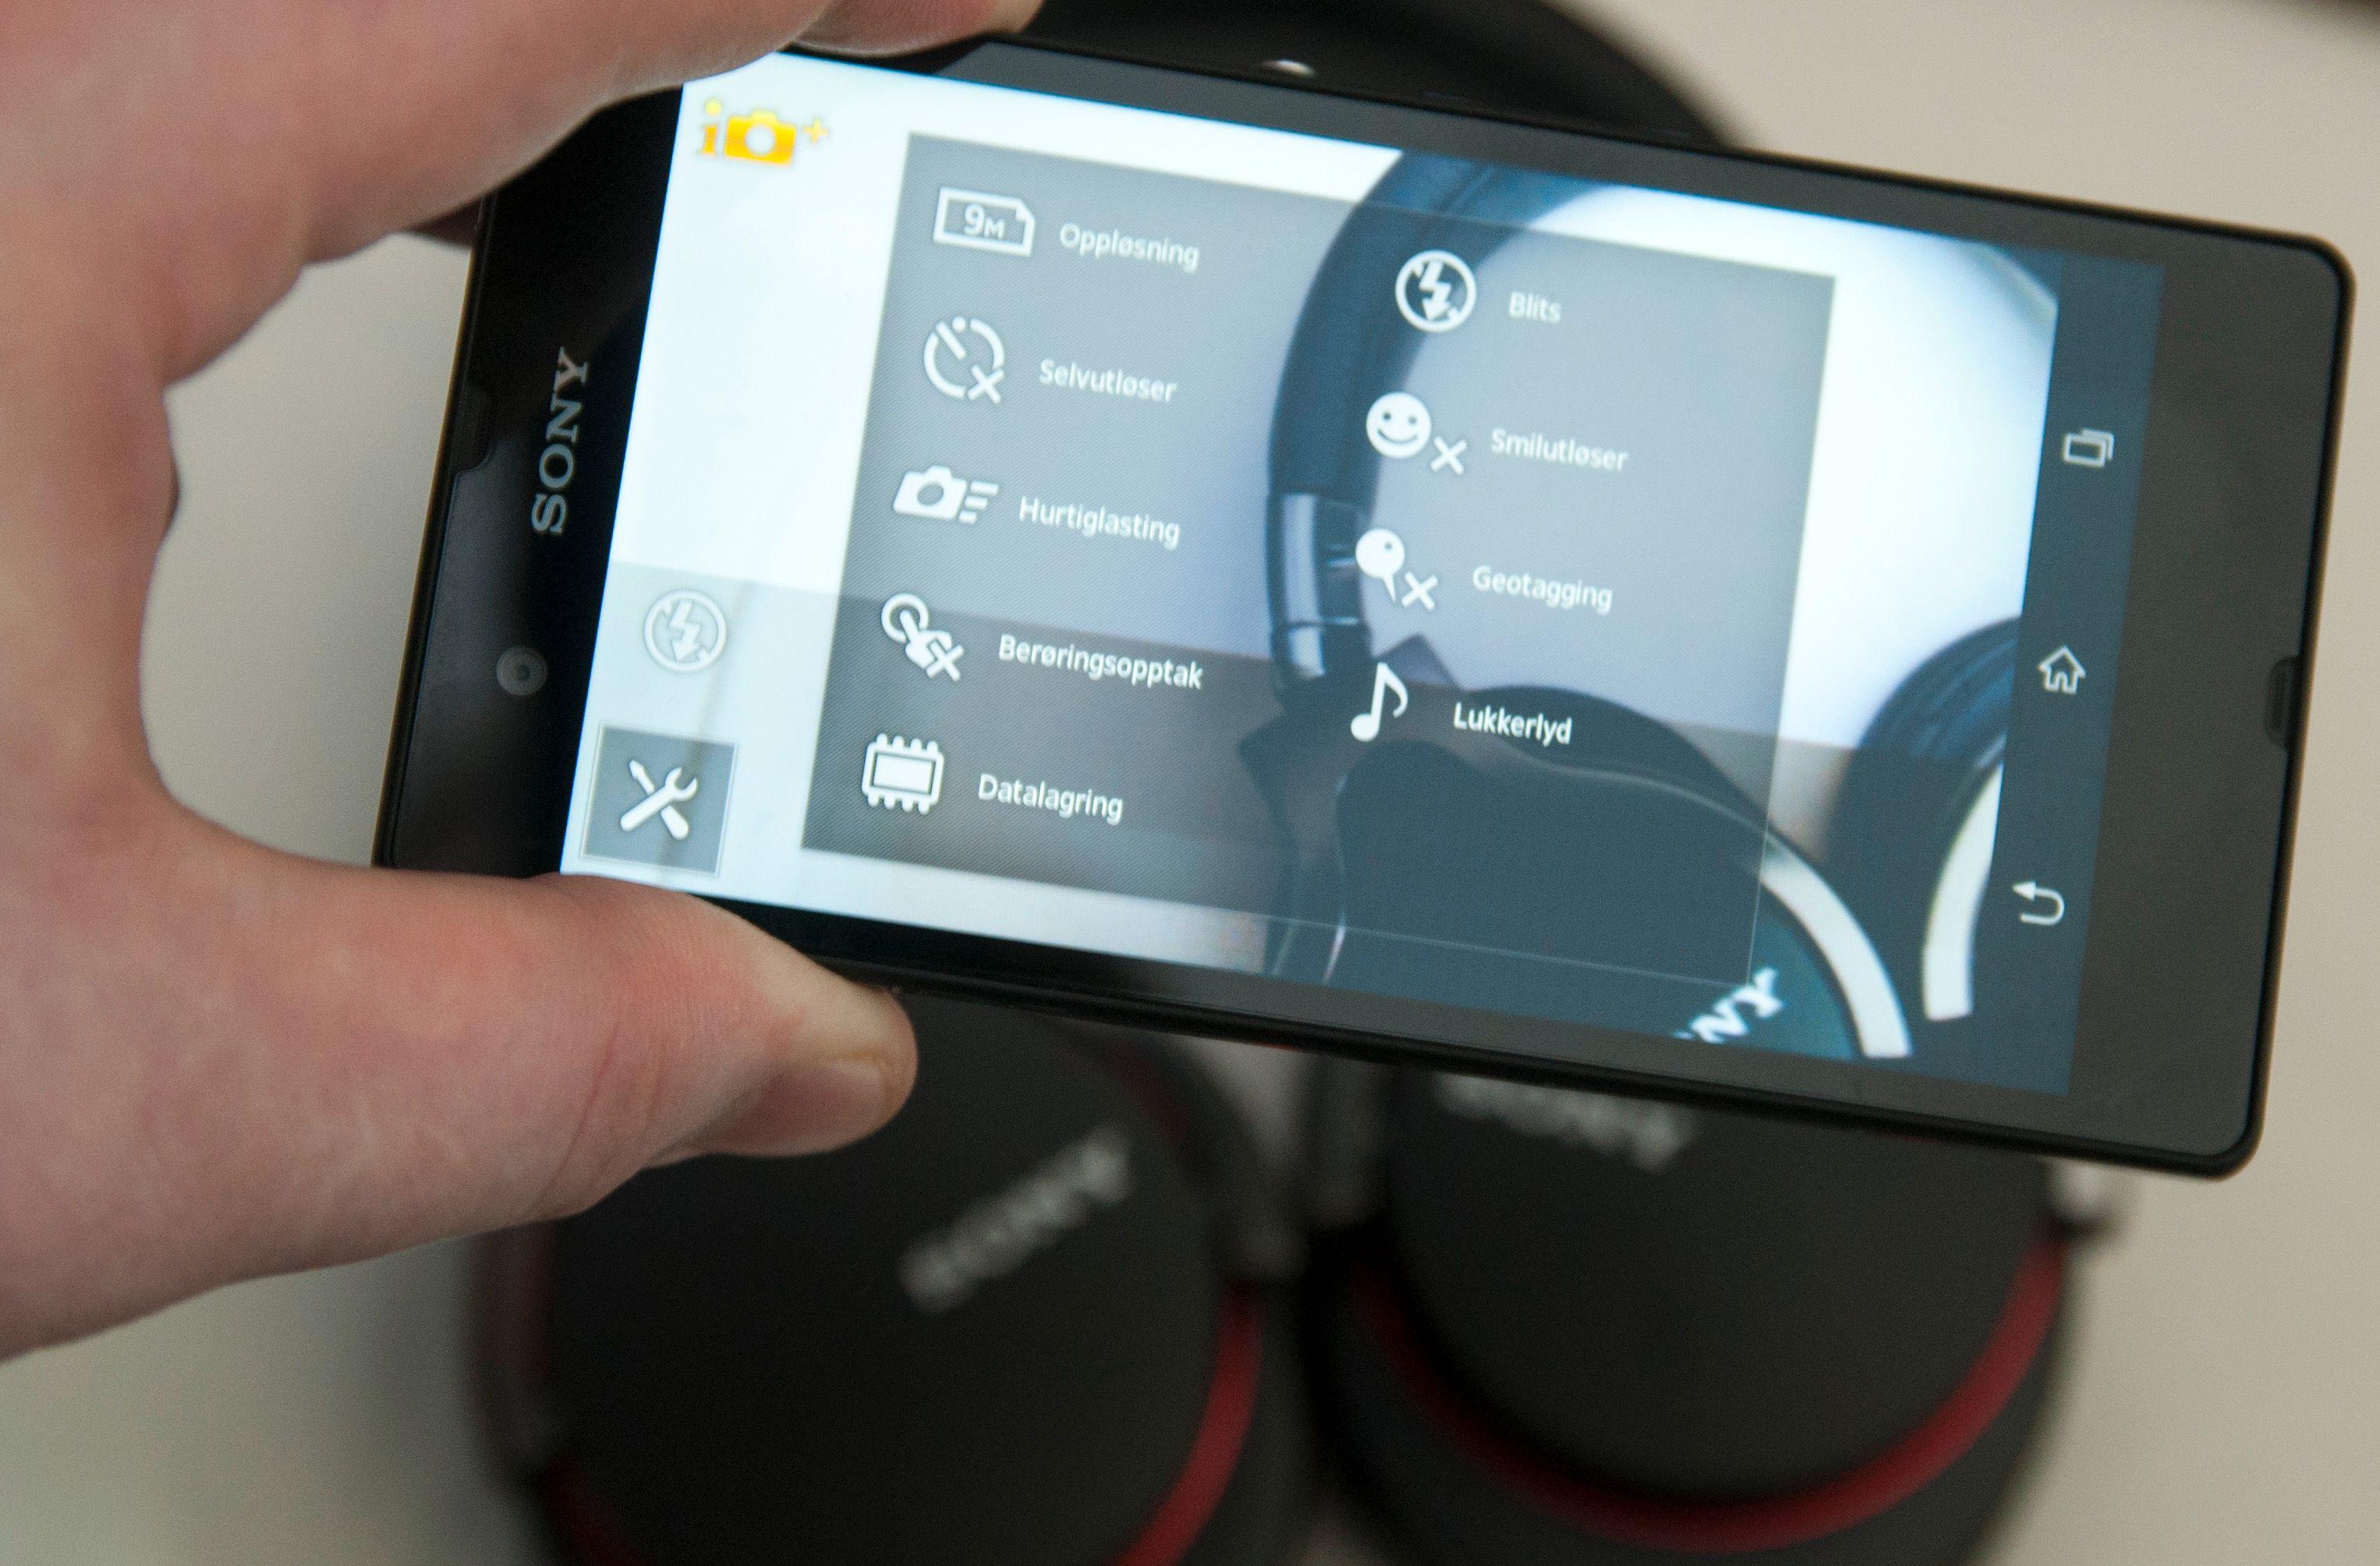 Du har mange ulike innstillinger å velge i når du skal fotografere med telefonen. Xperia Z har også en automodus som Sony lover skal være god til det meste.Foto: Finn Jarle Kvalheim, Amobil.no